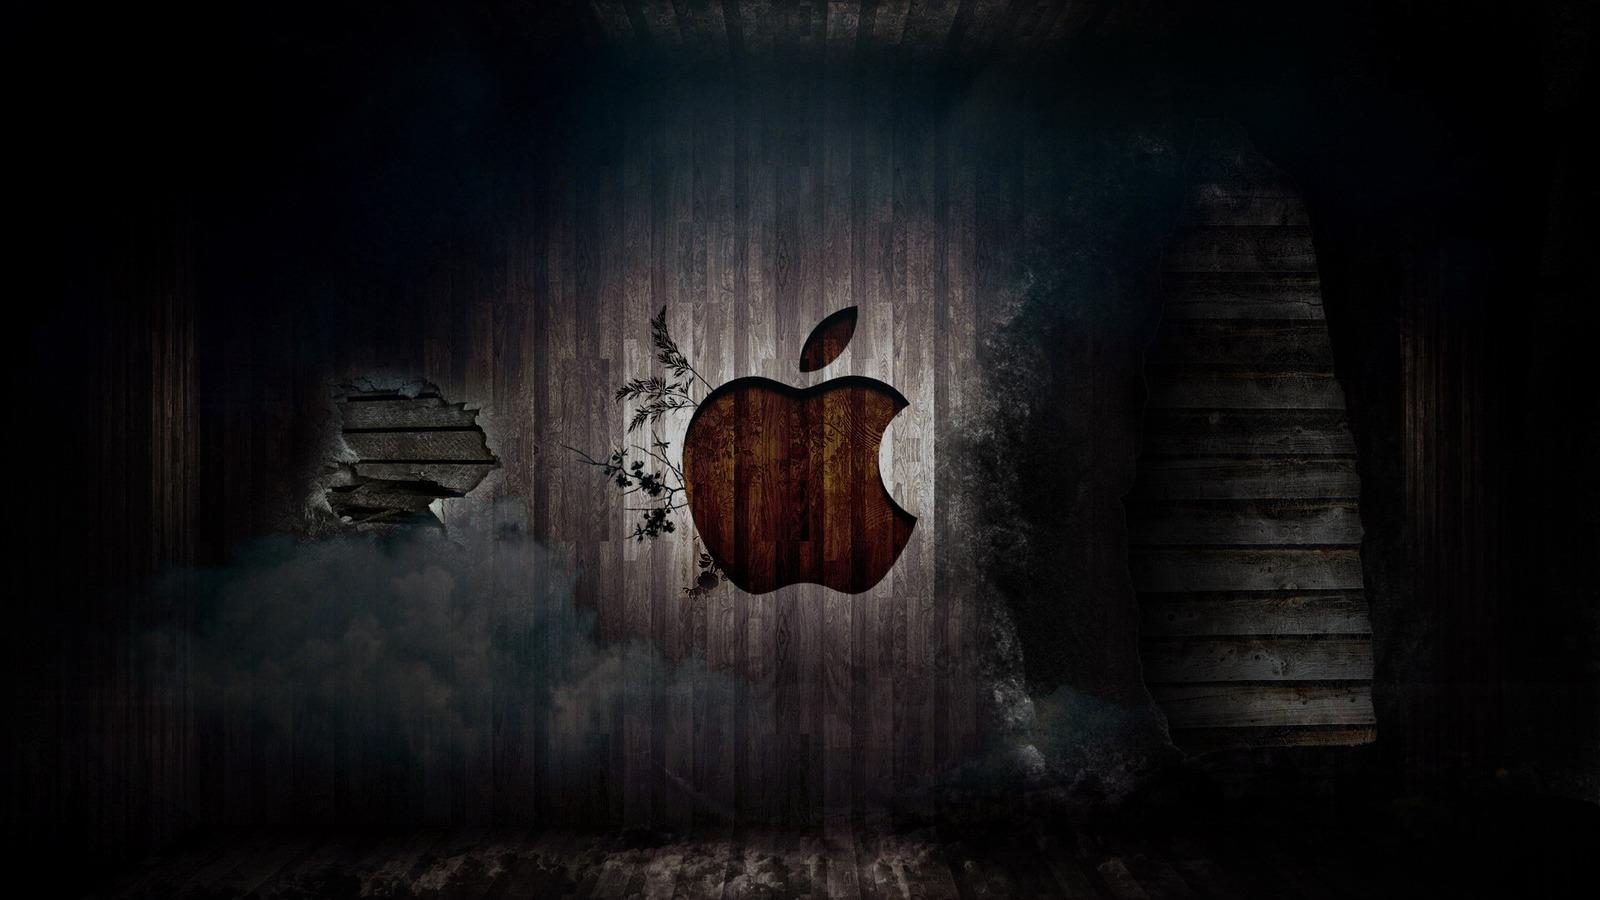 http://1.bp.blogspot.com/-etLsLSTx-jw/T-aRoGX6lMI/AAAAAAAAAMs/5qkWI6X9ebk/s1600/iphone%2B_Apple_Mac_OS_X_The_Best_HD_wallpapers_background%2B009.jpg